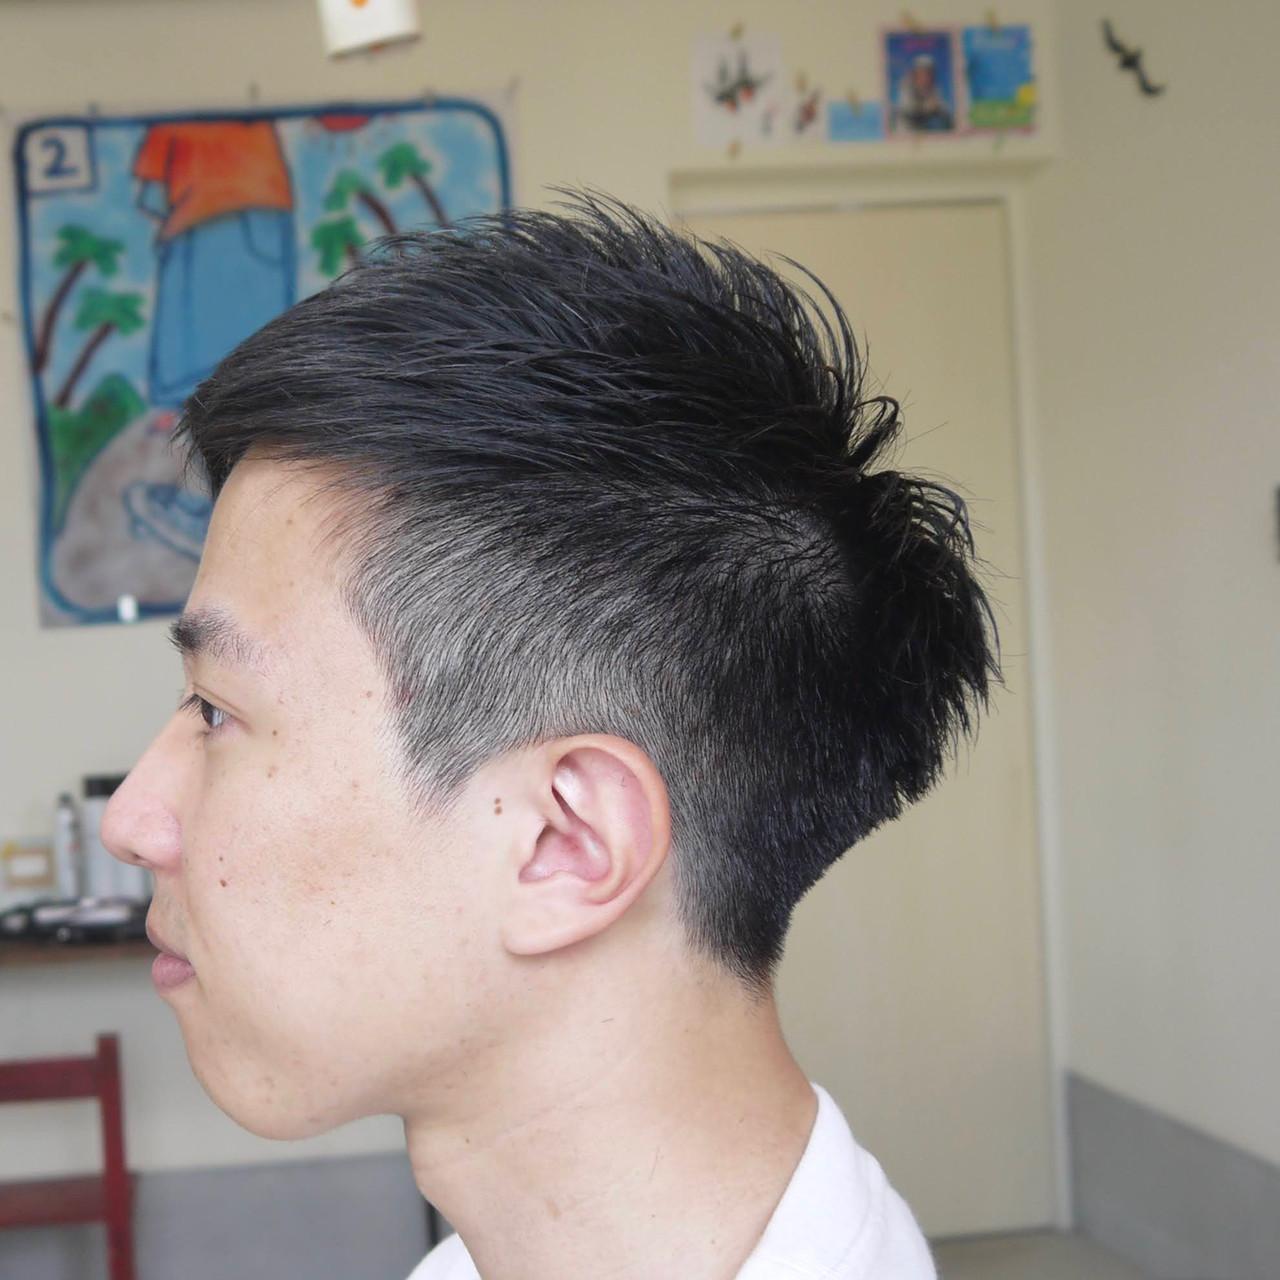 ナチュラル ショート 刈り上げ メンズショート ヘアスタイルや髪型の写真・画像